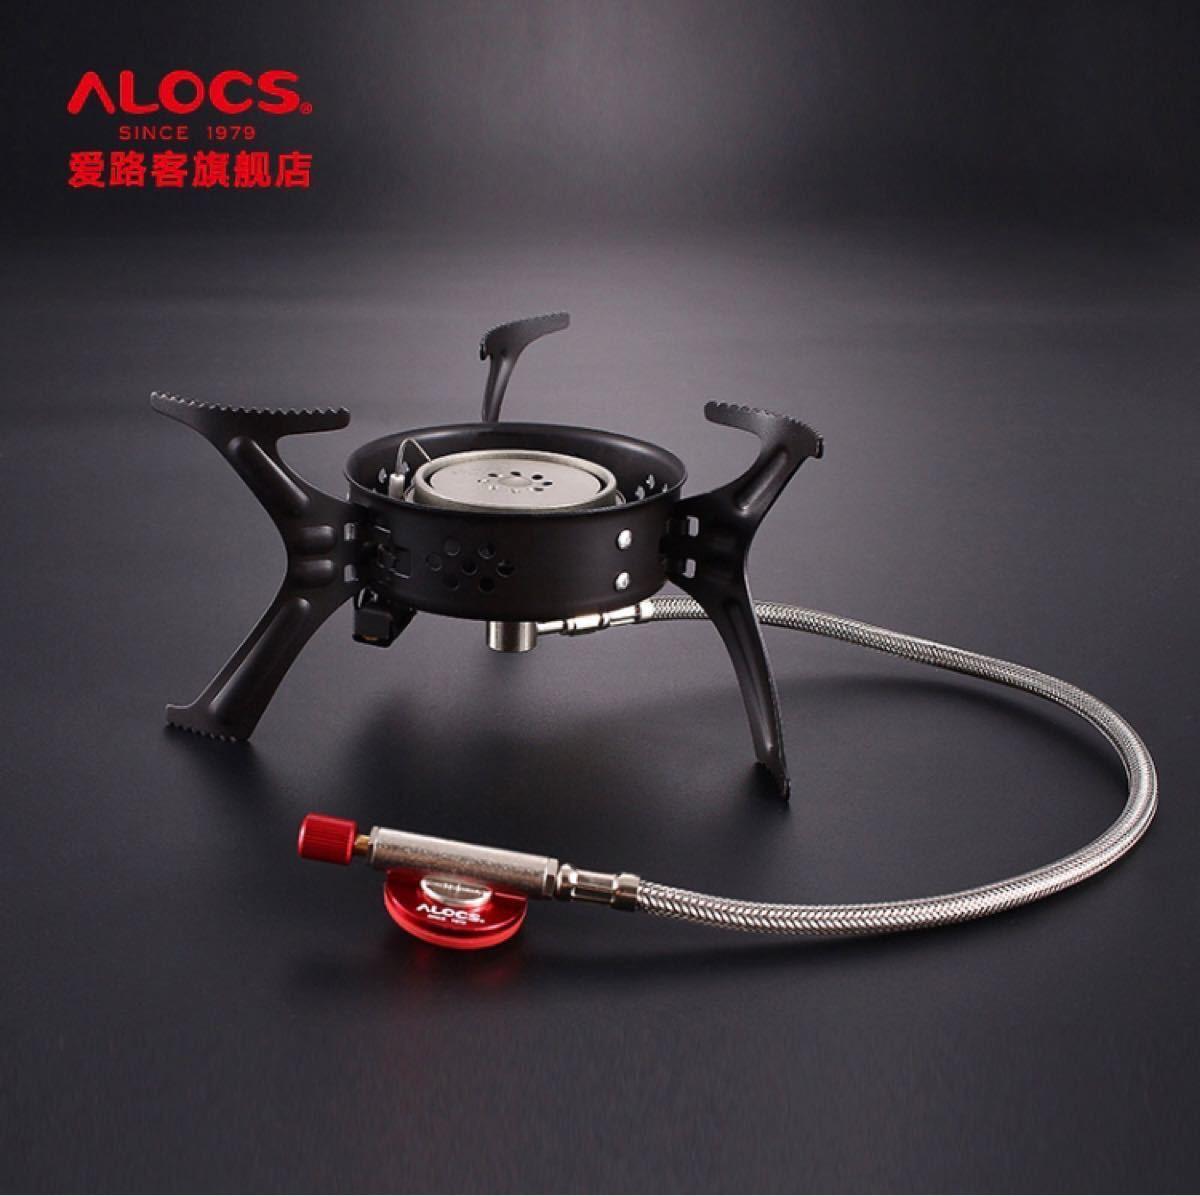 ALOCS 分離式 ガスコンロ  シングルバーナー  3200w + CB缶変換アダプター シングルバーナー